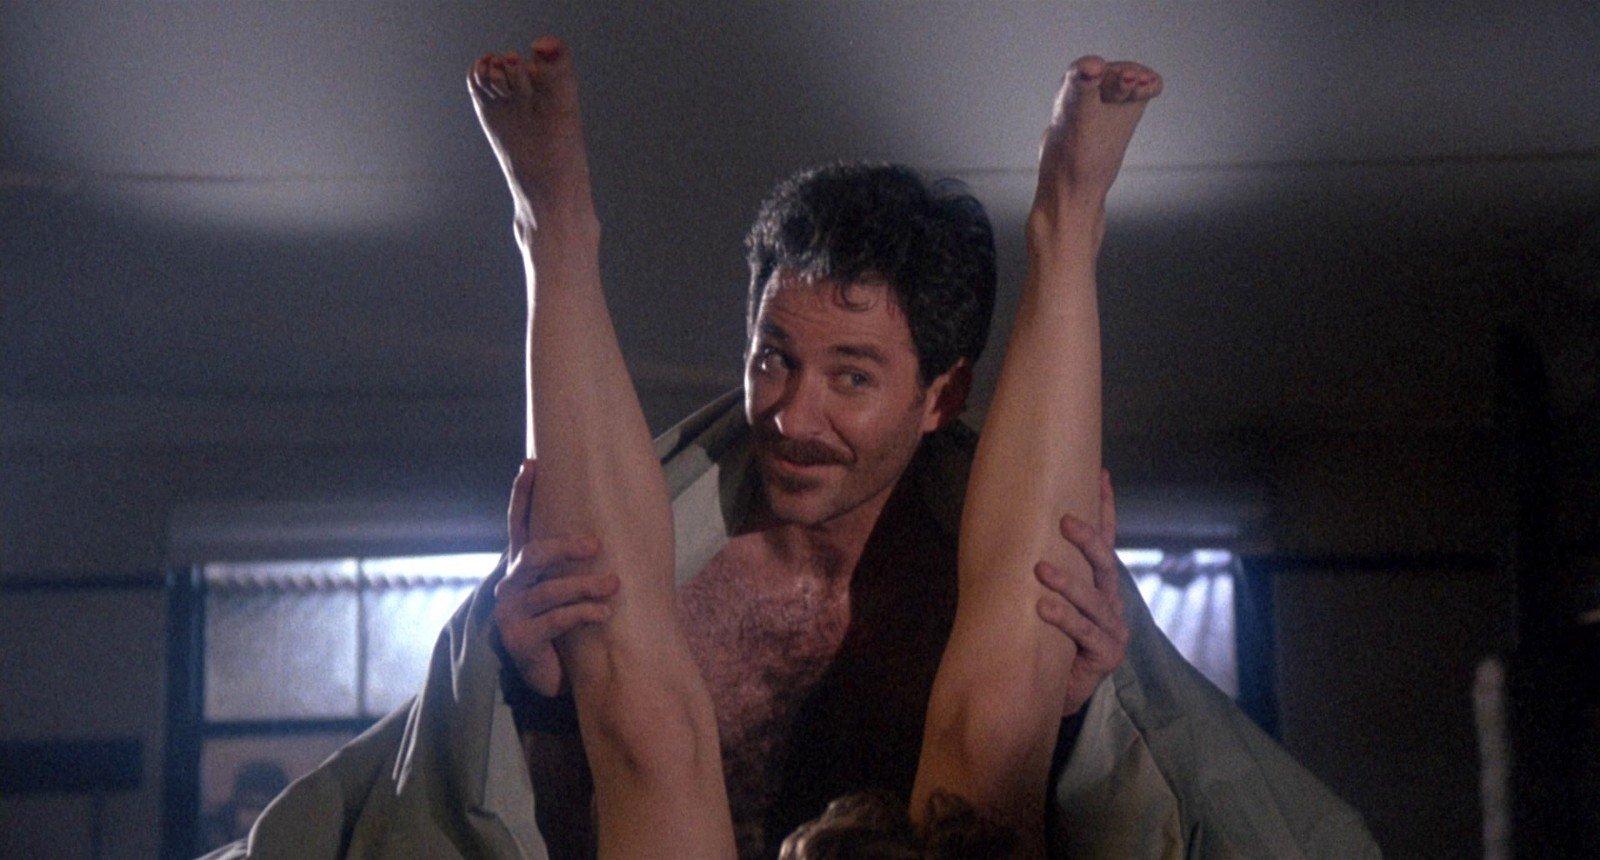 секс-сцени в кіно